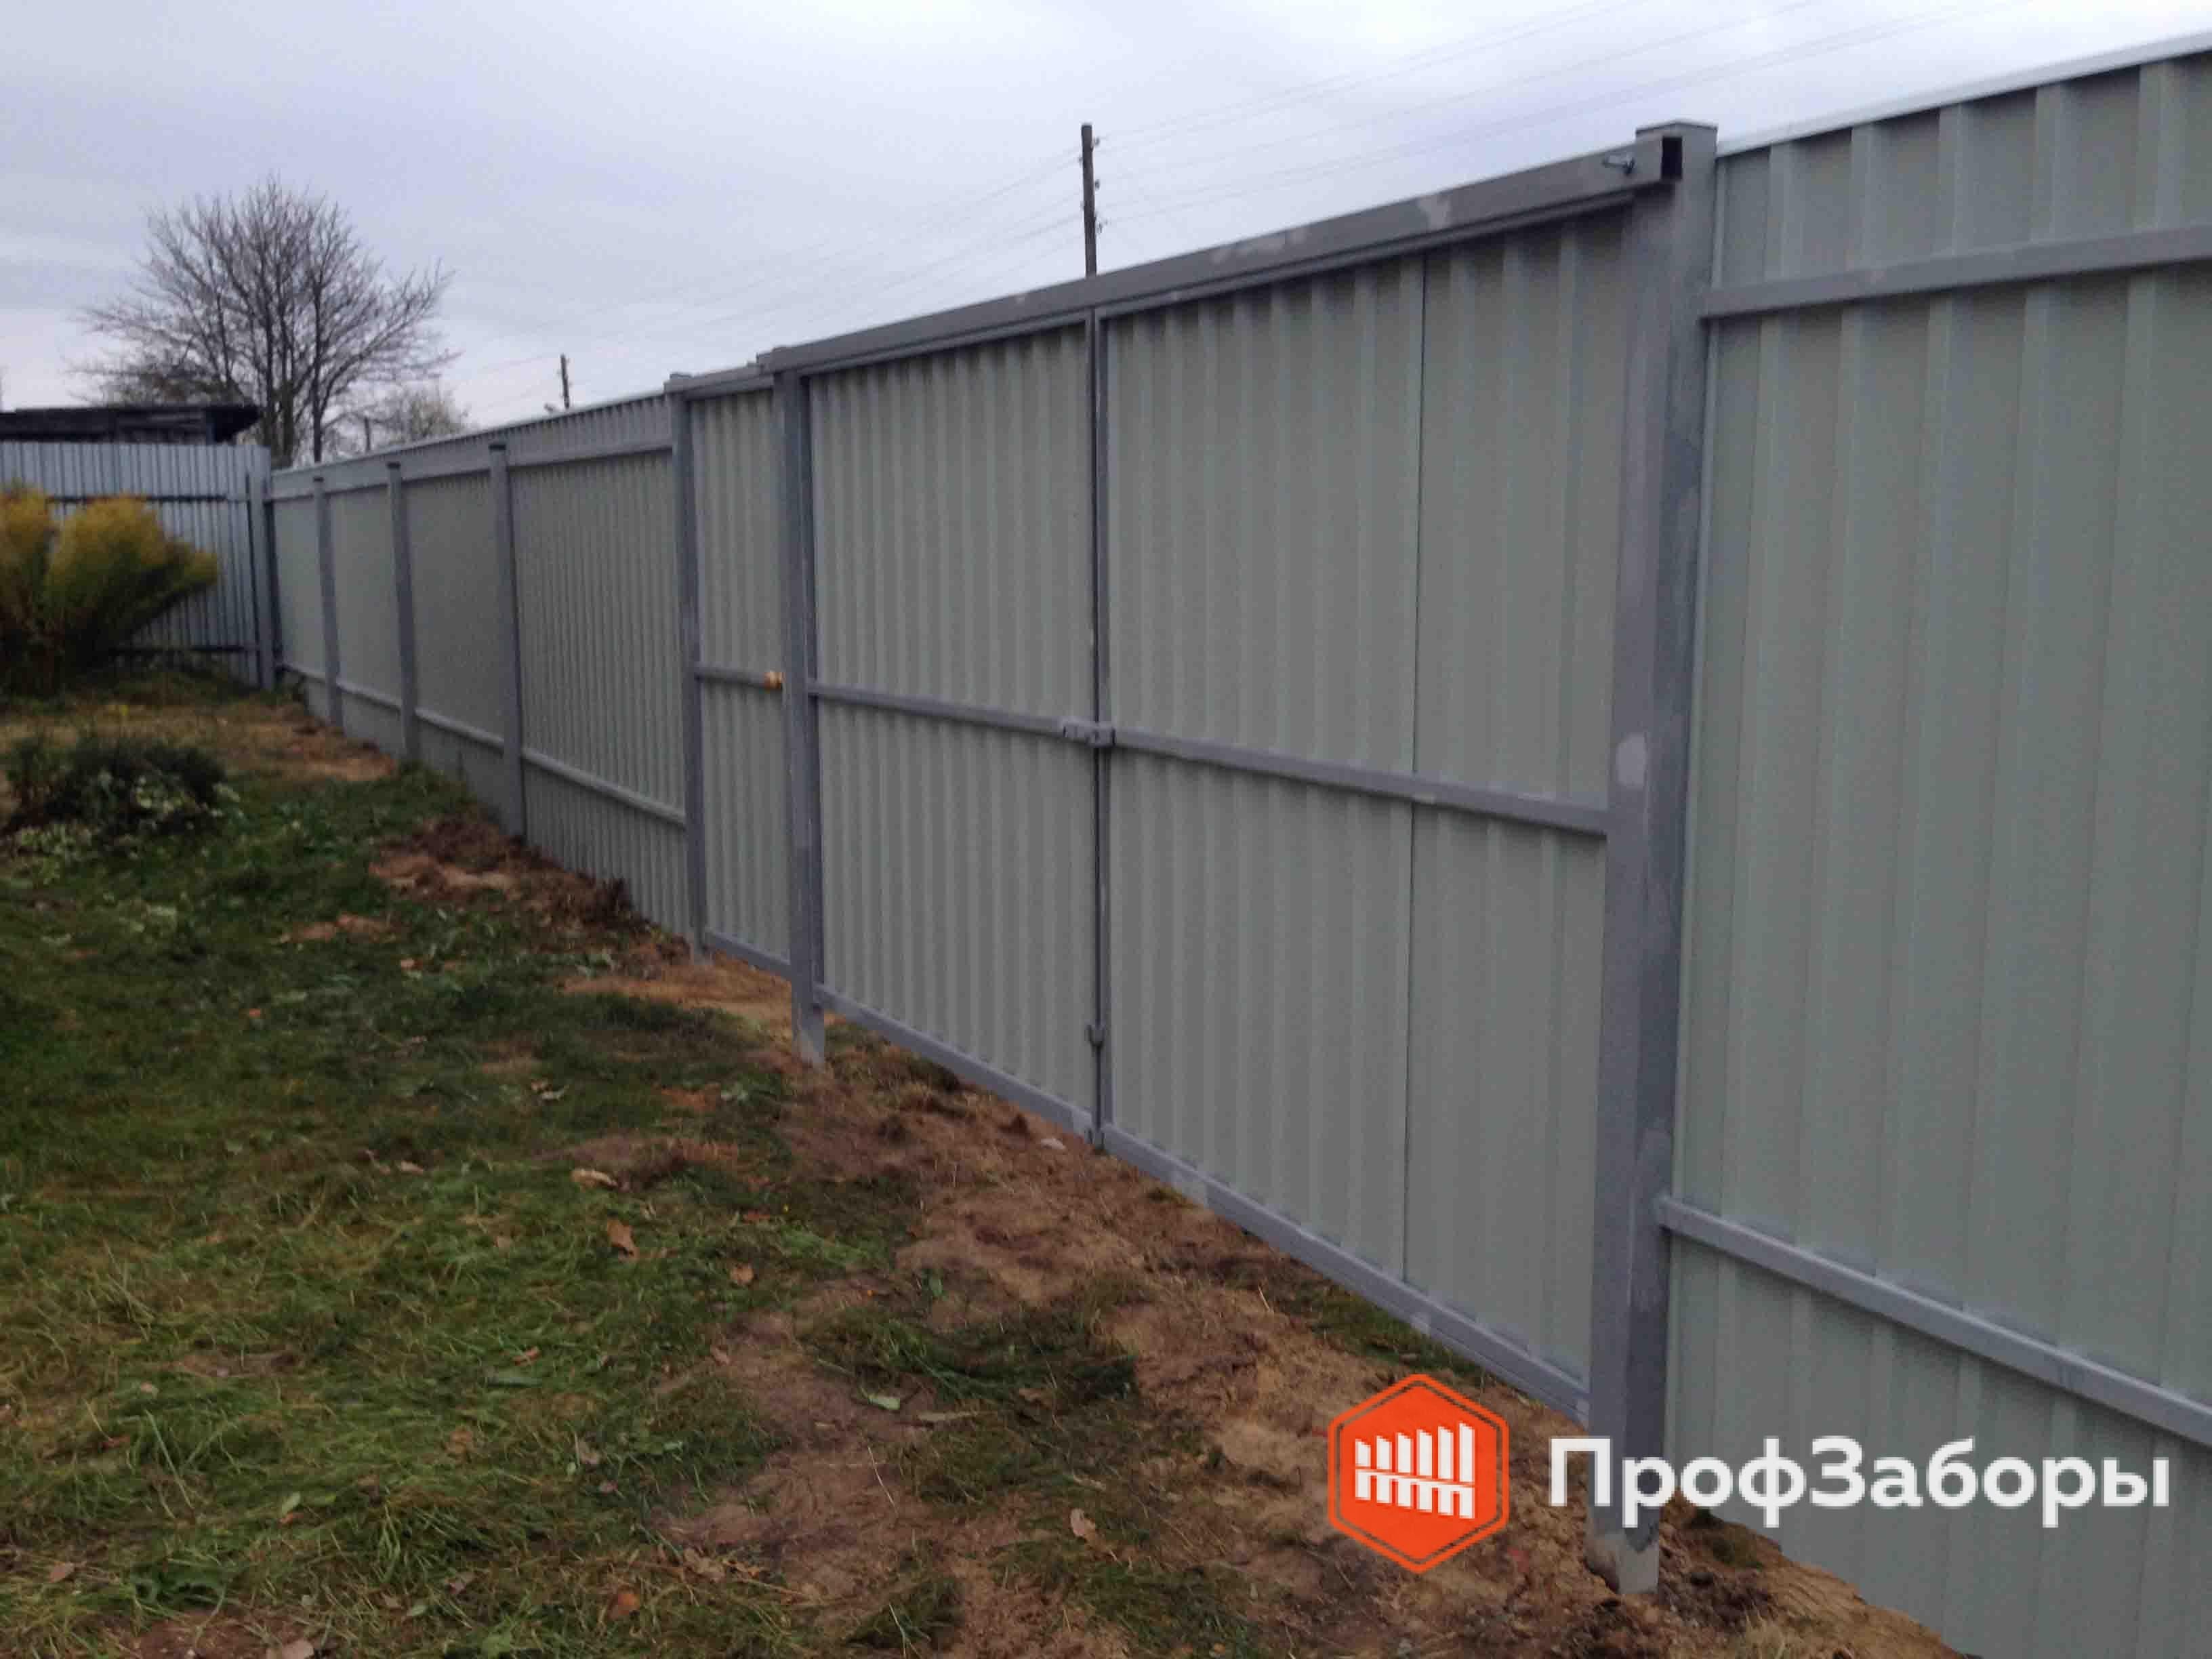 Заборы Из профнастила  - Солнечногорский район. Фото 4